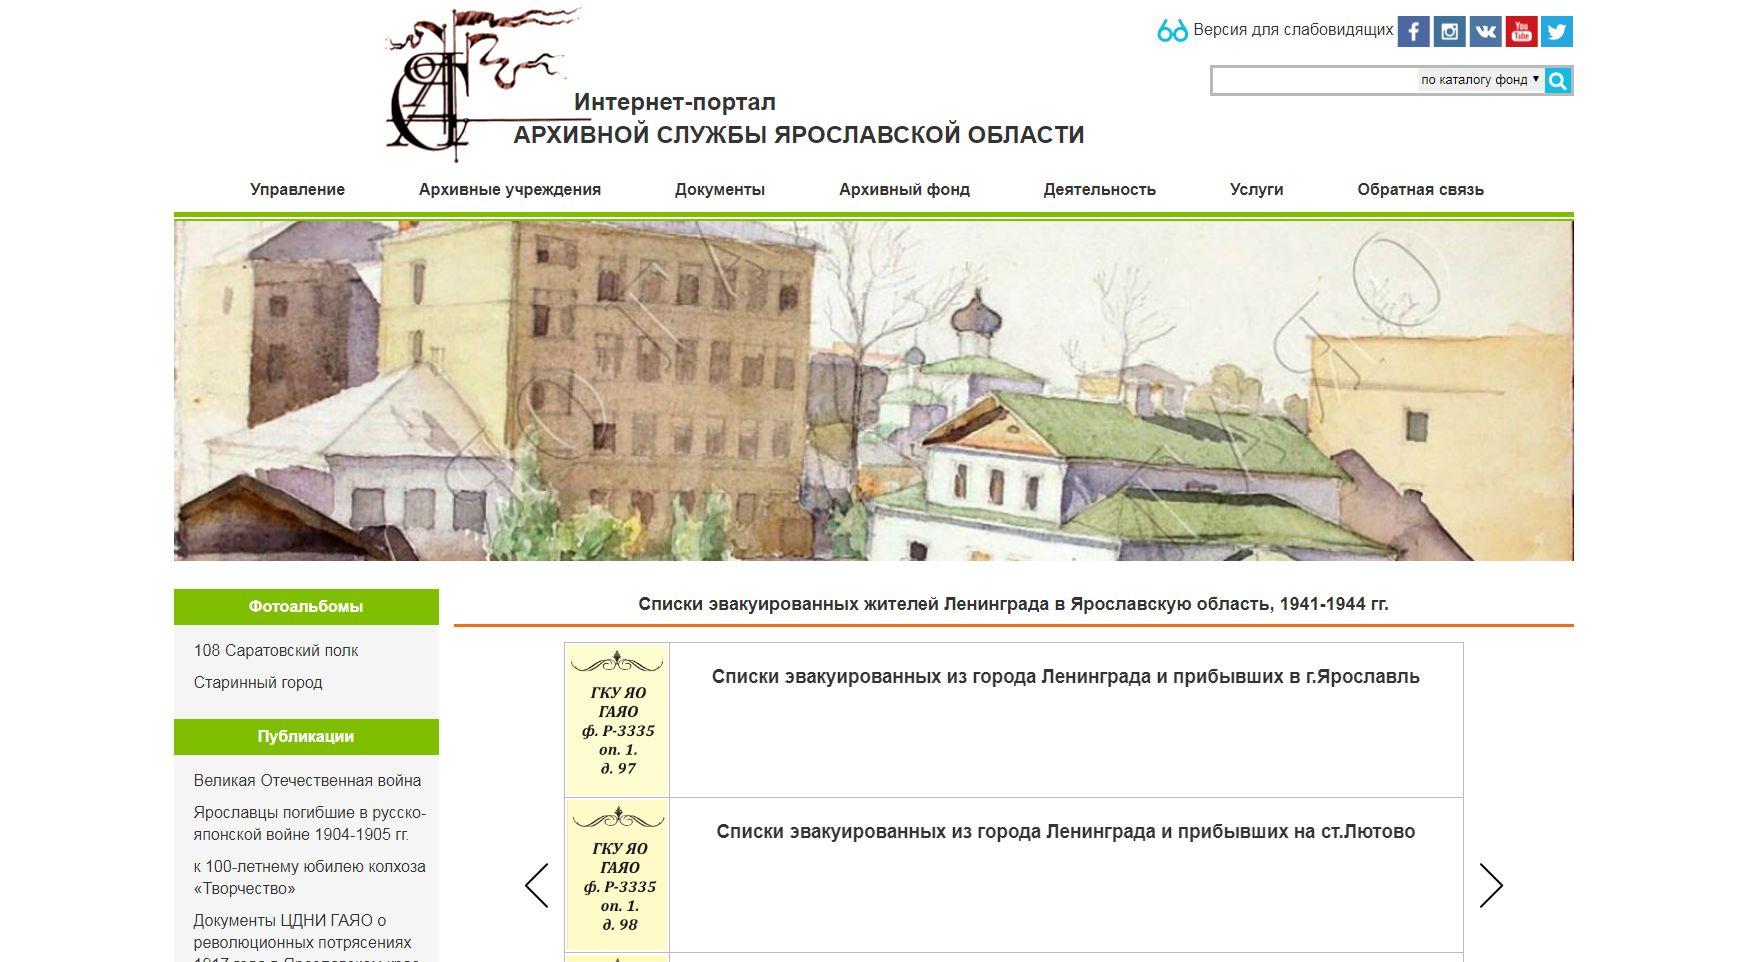 Архивные документы времен Великой Отечественной войны размещены в открытом доступе на областном ресурсе «75 – Победа»